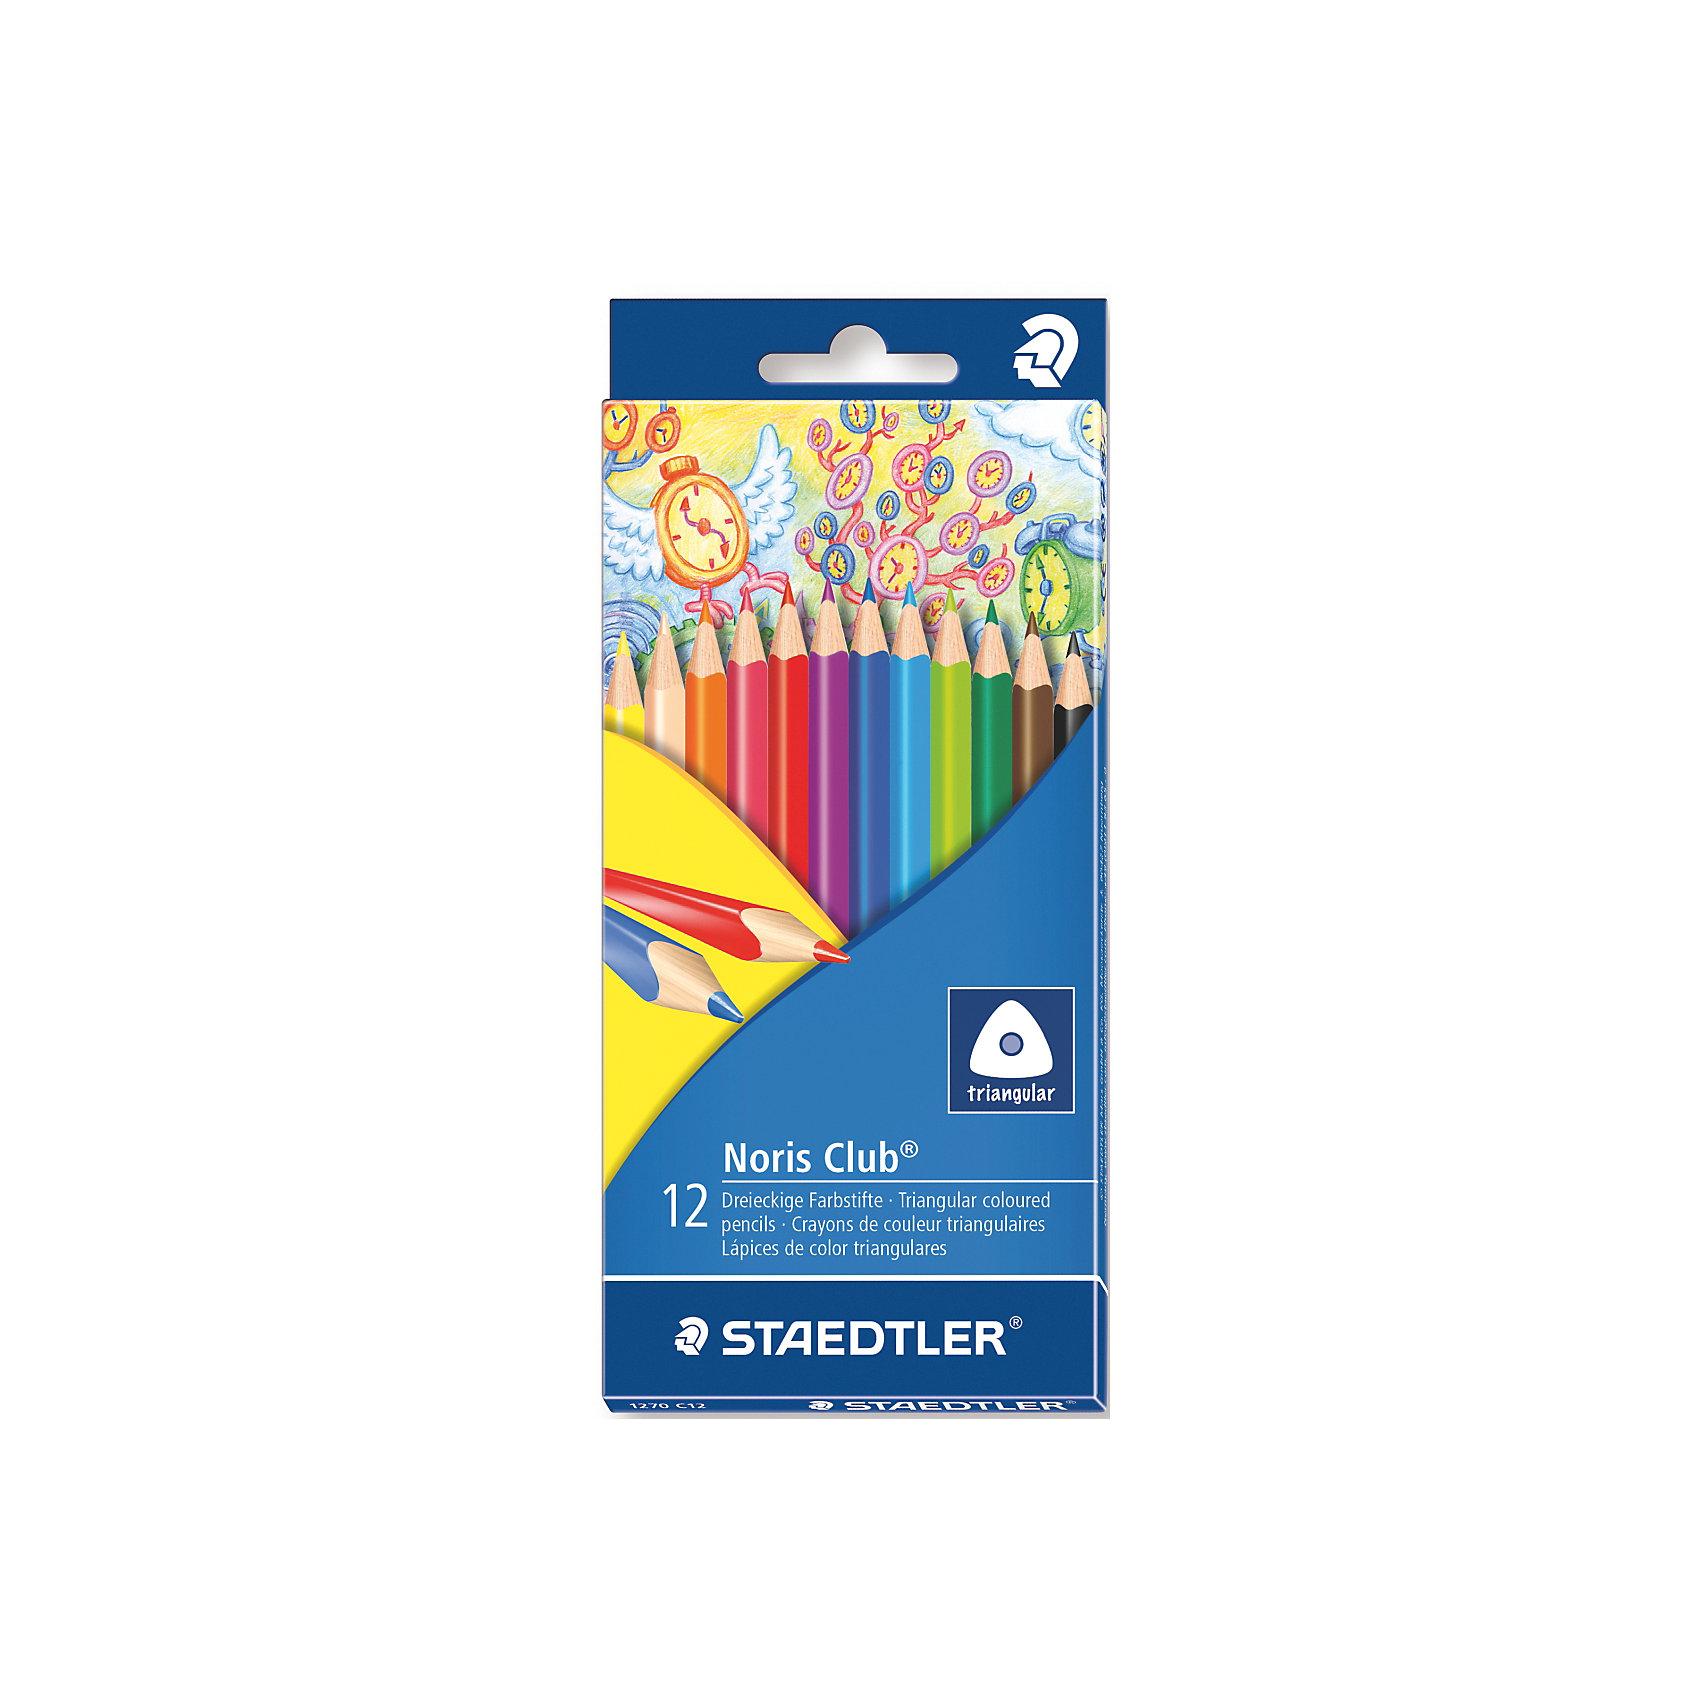 Карандаши  цветные NorisClub, 12 цвПисьменные принадлежности<br>Трехгранные цветные карандаши стандартного размера для любого возраста,  особенно их оценят дети. Специальная эргономичная форма, корректирующая ученический захват, идеально подходит для рисования и раскрашивания без усталости и усилий. Система защиты от поломки ABS (Anti-break-system) увеличивает устойчивость и сокращает ломкость грифеля. Грифели карандашей сочных насыщенных цветов. При необходимости легко можно заточить. Цветные карандаши соответствуют Европейскому стандарту EN 71 (требования безопасности к игрушкам).<br><br>Дополнительная информация: <br><br>- возраст: от 3 лет<br>- тип: 12 цветных карандашей <br>- упаковка: картонная коробка<br>- вид карандаша: простой<br>- корпус: трехгранный<br>- поверхность: бумага<br>- назначение: для рисования, для творчества, для подчеркивания<br>- материал: дерево, графит<br>- диаметр грифеля: 3 мм<br>- размер упаковки (дхшхв): 35 * 21 * 17 см<br>- вес в упаковке: 457  г <br>- страна производитель: Германия.<br><br>Набор из 12 цветных  карандашей   Noris HB  торговой марки   Staedtler  можно купить в нашем интернет-магазине.<br><br>Ширина мм: 200<br>Глубина мм: 88<br>Высота мм: 10<br>Вес г: 76<br>Возраст от месяцев: 60<br>Возраст до месяцев: 168<br>Пол: Унисекс<br>Возраст: Детский<br>SKU: 4918511